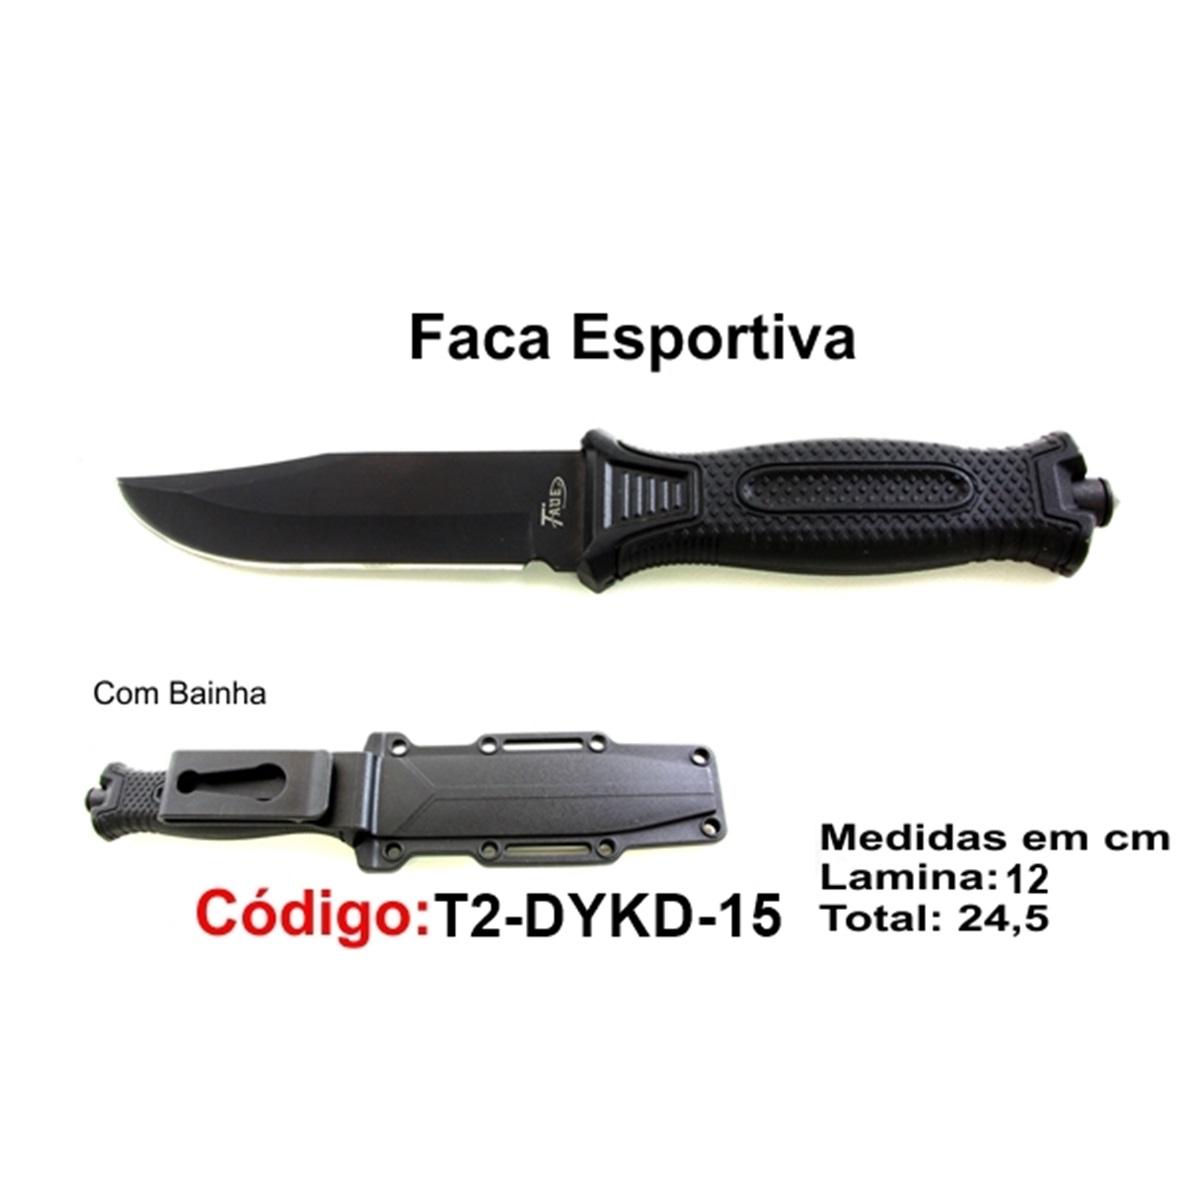 Faca Esportiva Com Bainha Rígida Modelo Caça Pesca Etc T2-DYKD-15